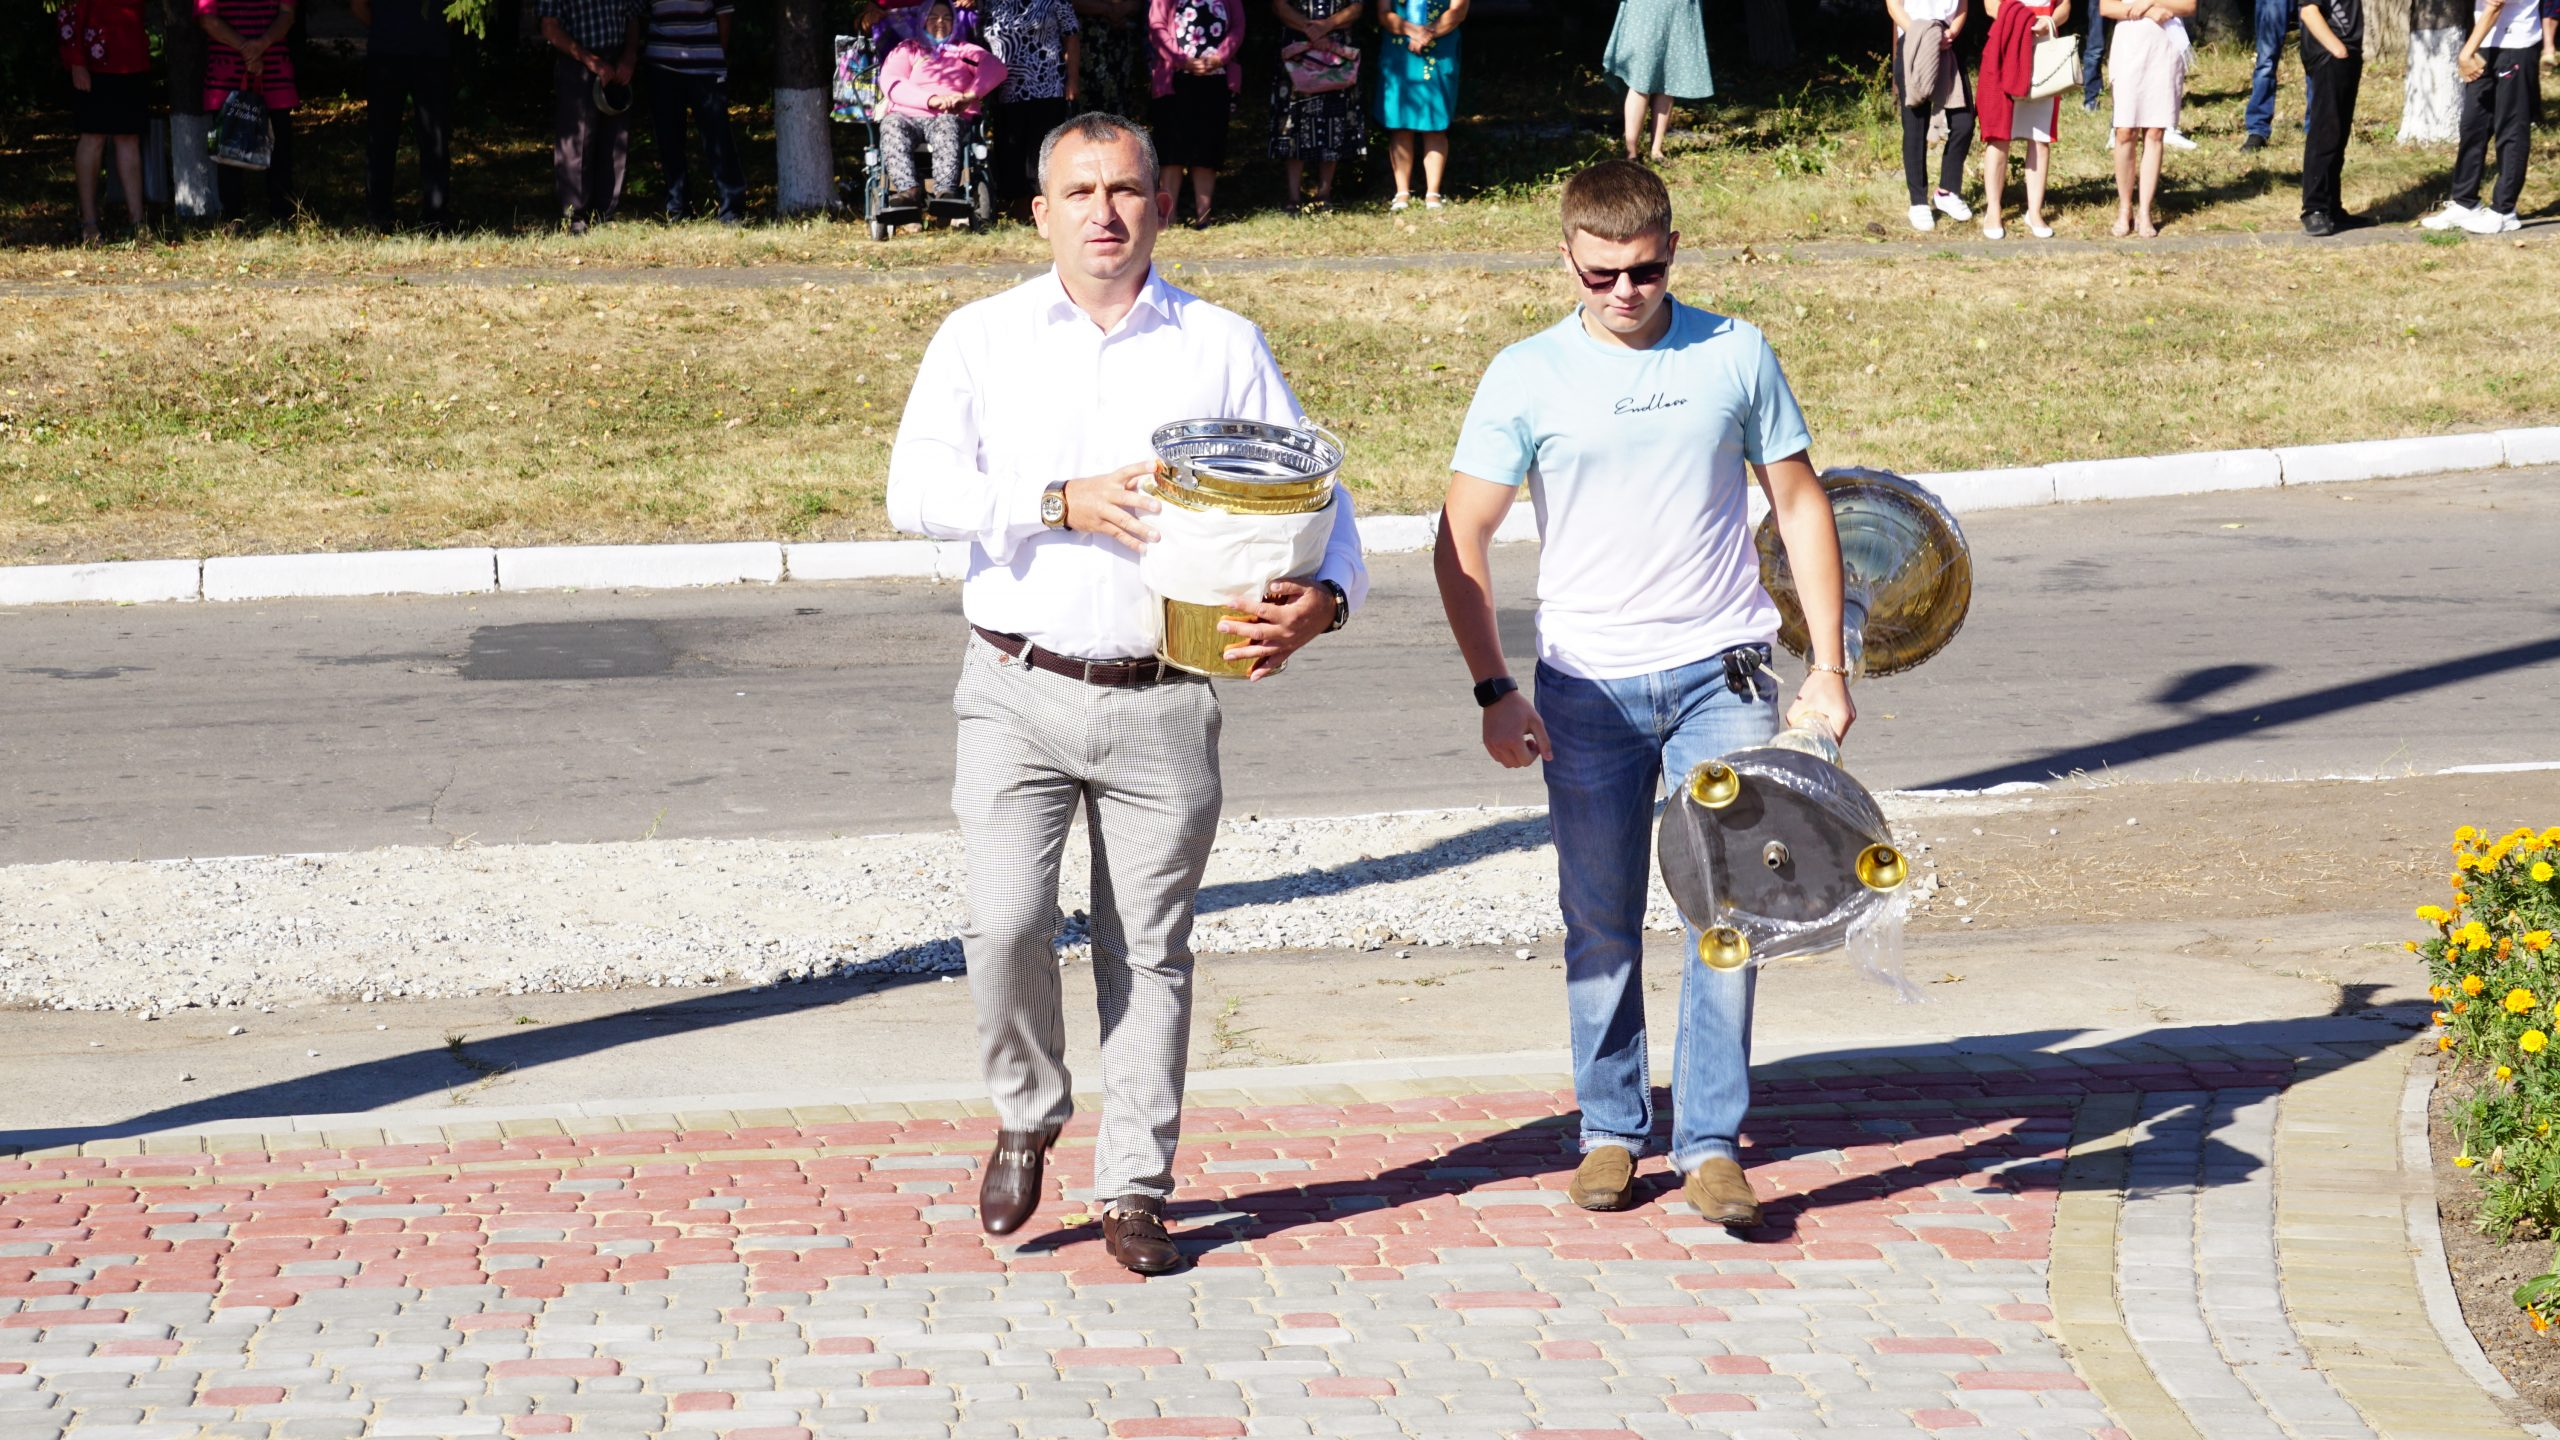 У Зеленькові, що на Тальнівщині, відбулося відкриття та освячення новозбудованого храму Преображення Господнього (Відео)